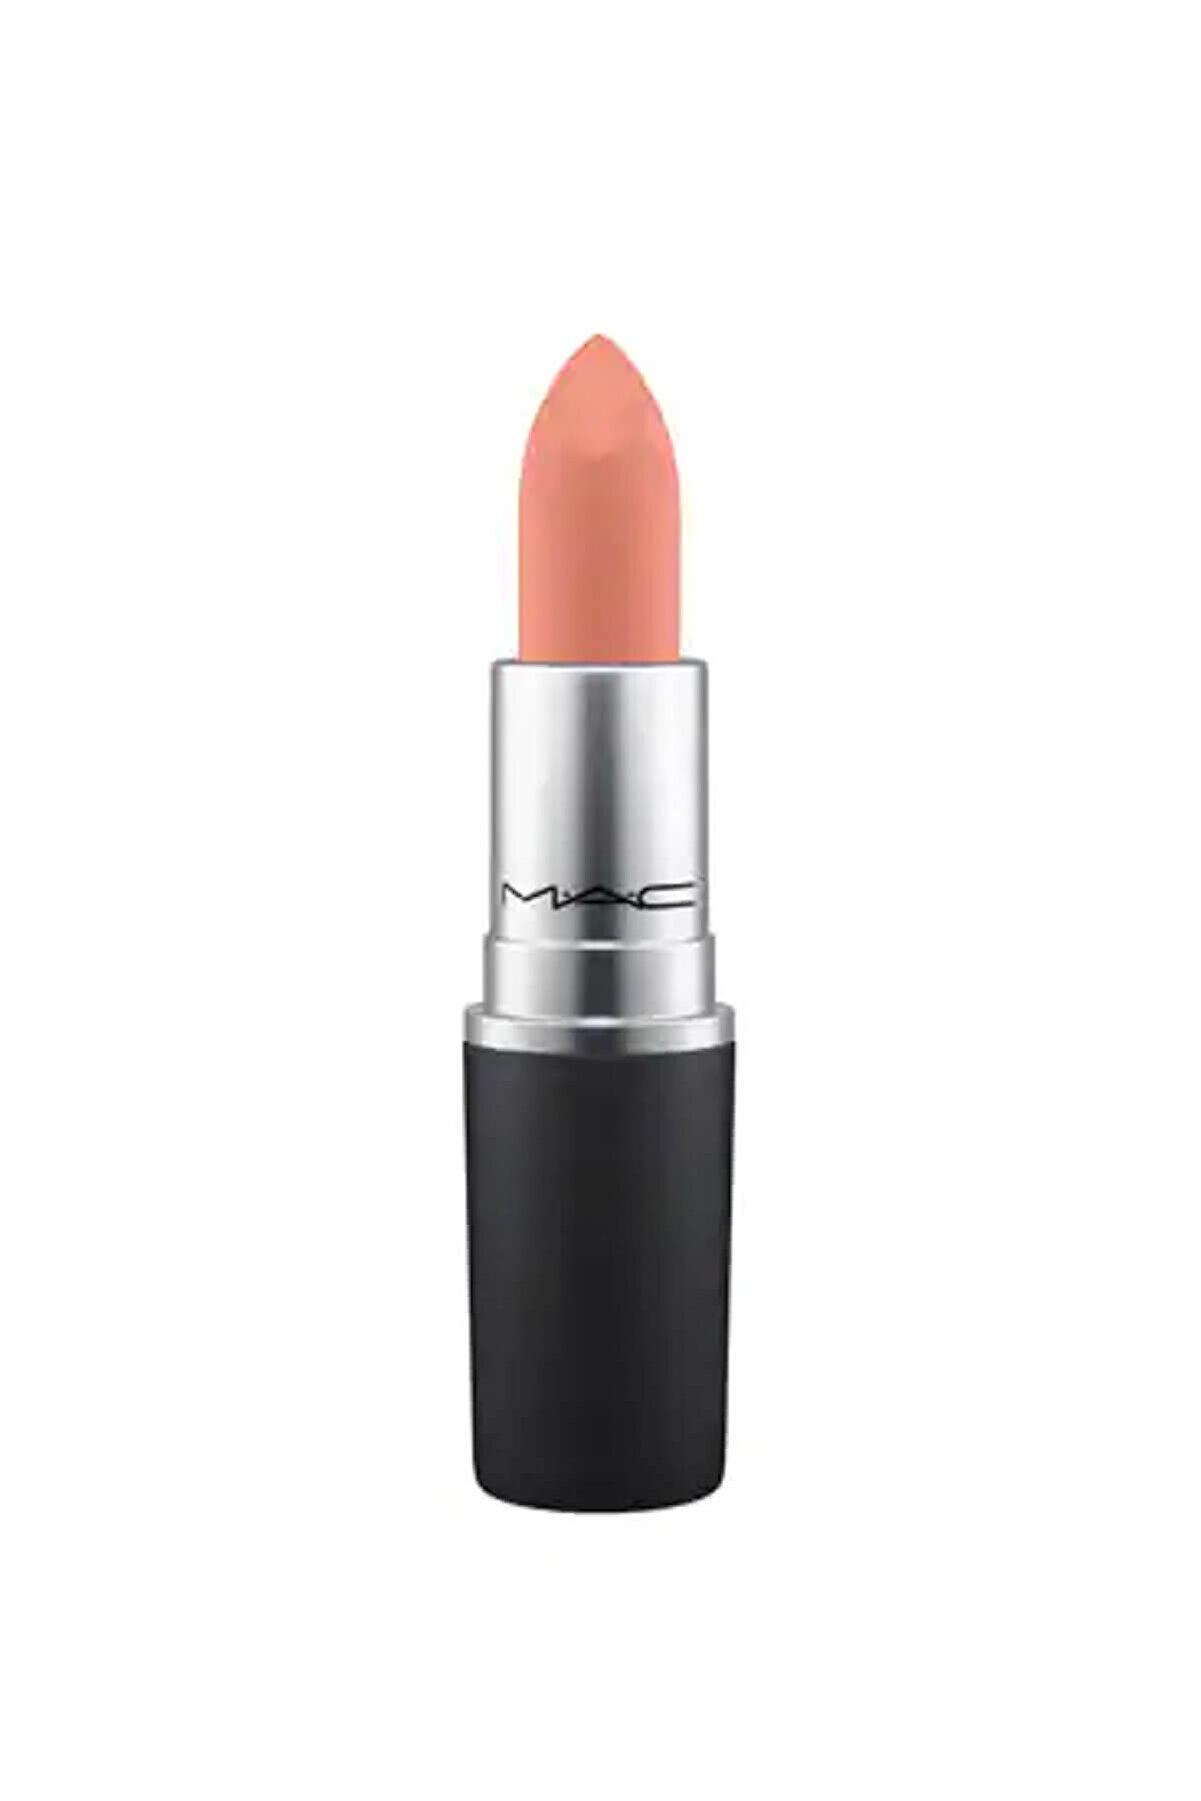 Mac Ruj - Powder Kiss My Tweedy 3 g 773602522026